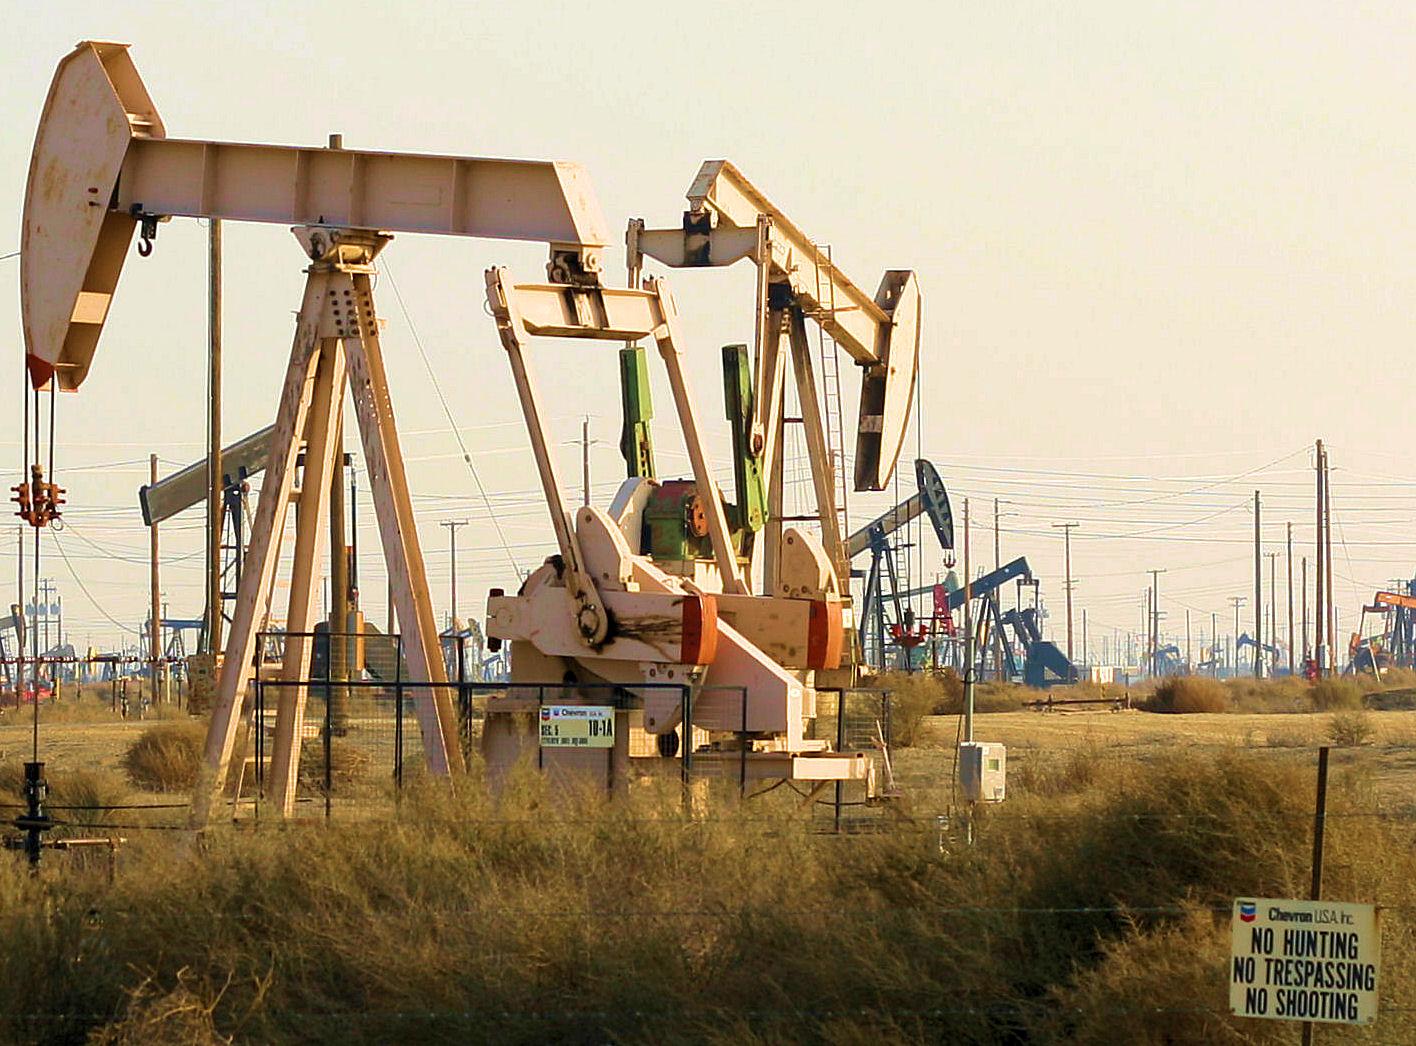 Pumpjack at the Lost Hills Oil Field